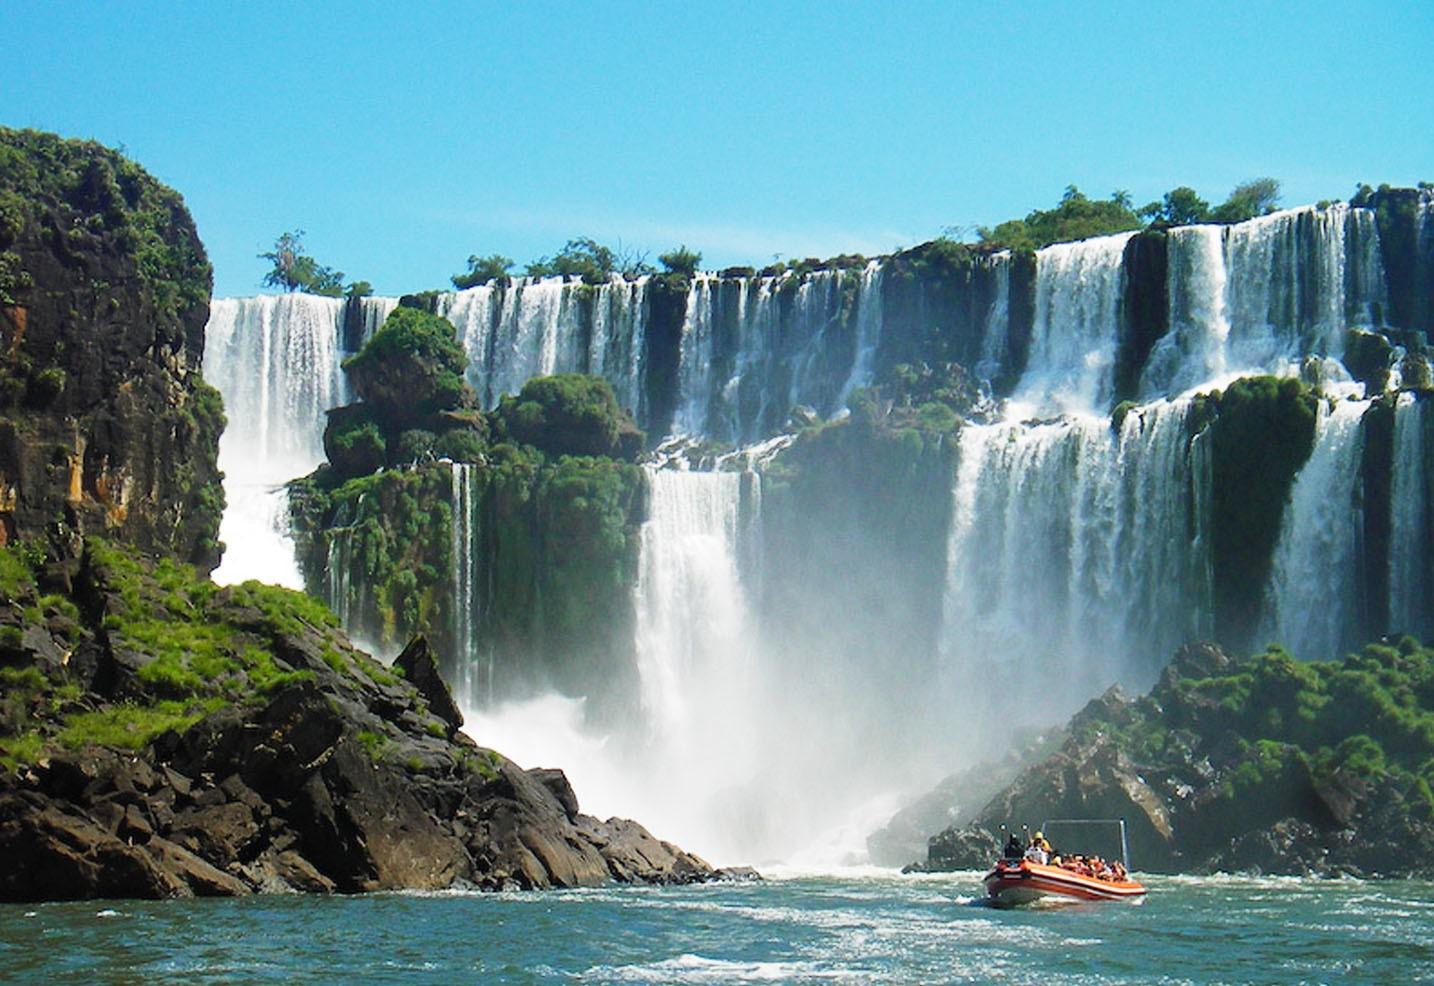 """¿tus hijos ,tus padres ,tus amigos te vuelven loca/o ? Entonces estas vacaciones veni a Cataratas del Iguazú . Estas son sus principales promos : Promo 1-2 personas 4 noches y 5 días Promo 2-1 persona 2 noches 3 días Promo 3-3 personas 5 noches 6 días Promo 4-4 personas 6 noches 7 días La promo 1 sale $150 las 2 personas La promo 2 sale $150 La promo 3 sale $100 las 2 personas La promo 4 sale $50 las 2 personas Menores de 15 años ¡¡¡NO PAGAN!!! Pasa tus proximas """"vacas"""" en Cataratas del Iguazú"""